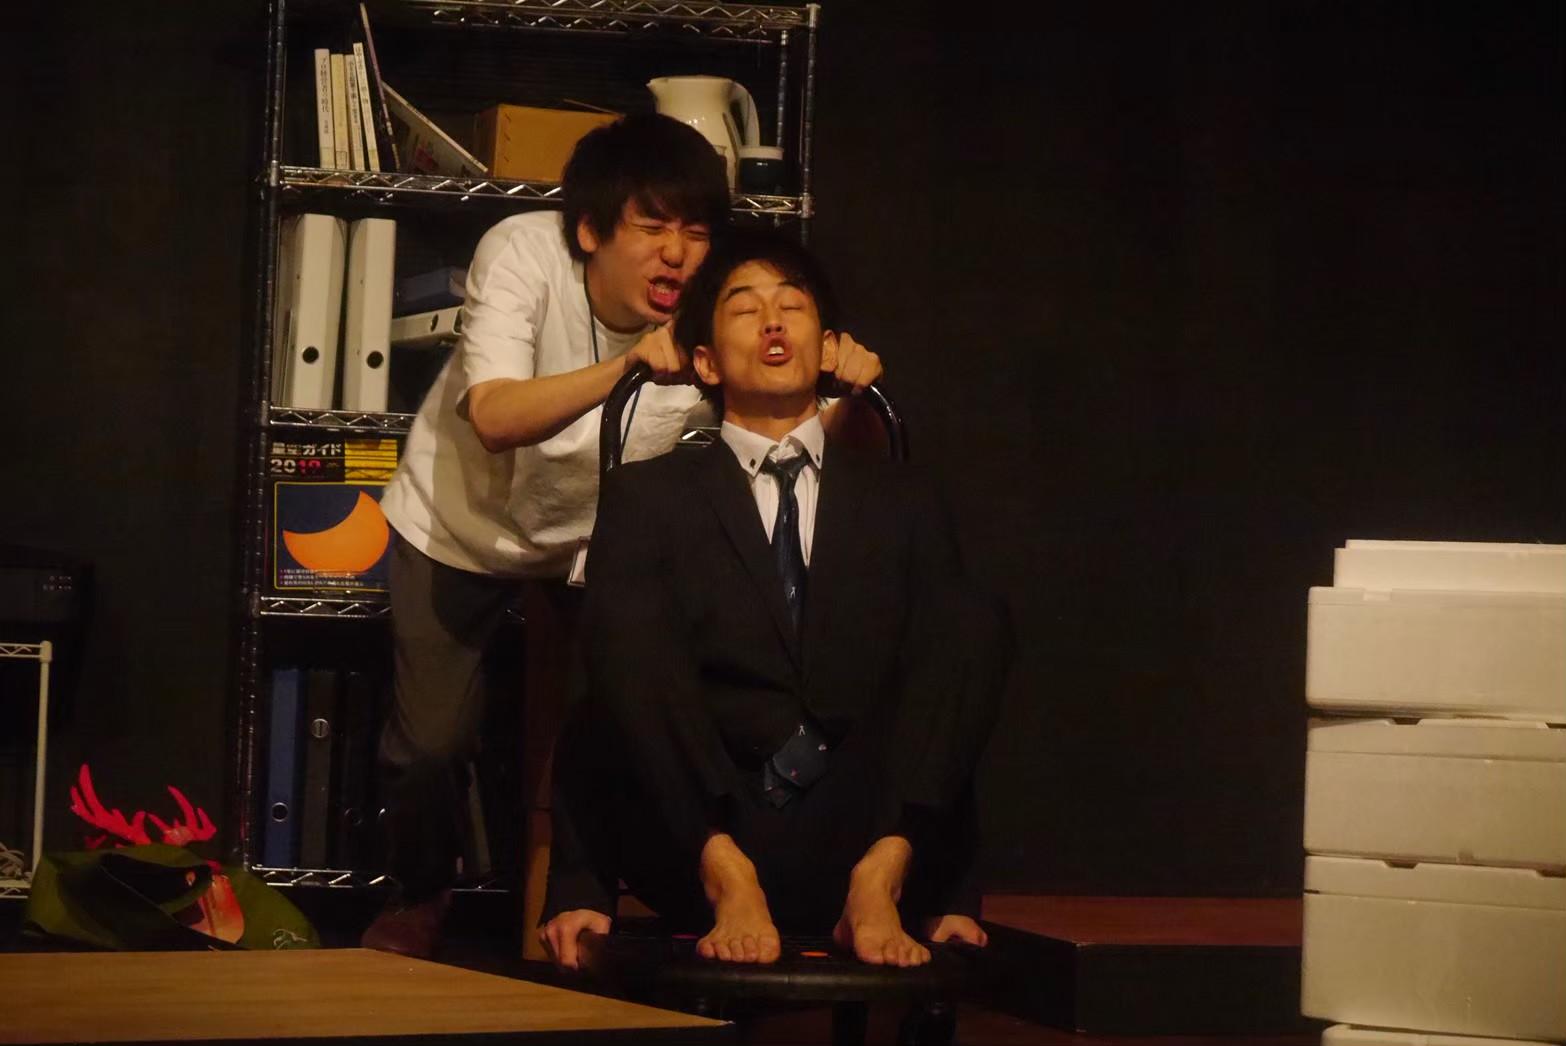 劇団スポーツ『すごくうるさい山』舞台写真(撮影=本田百音)_0213